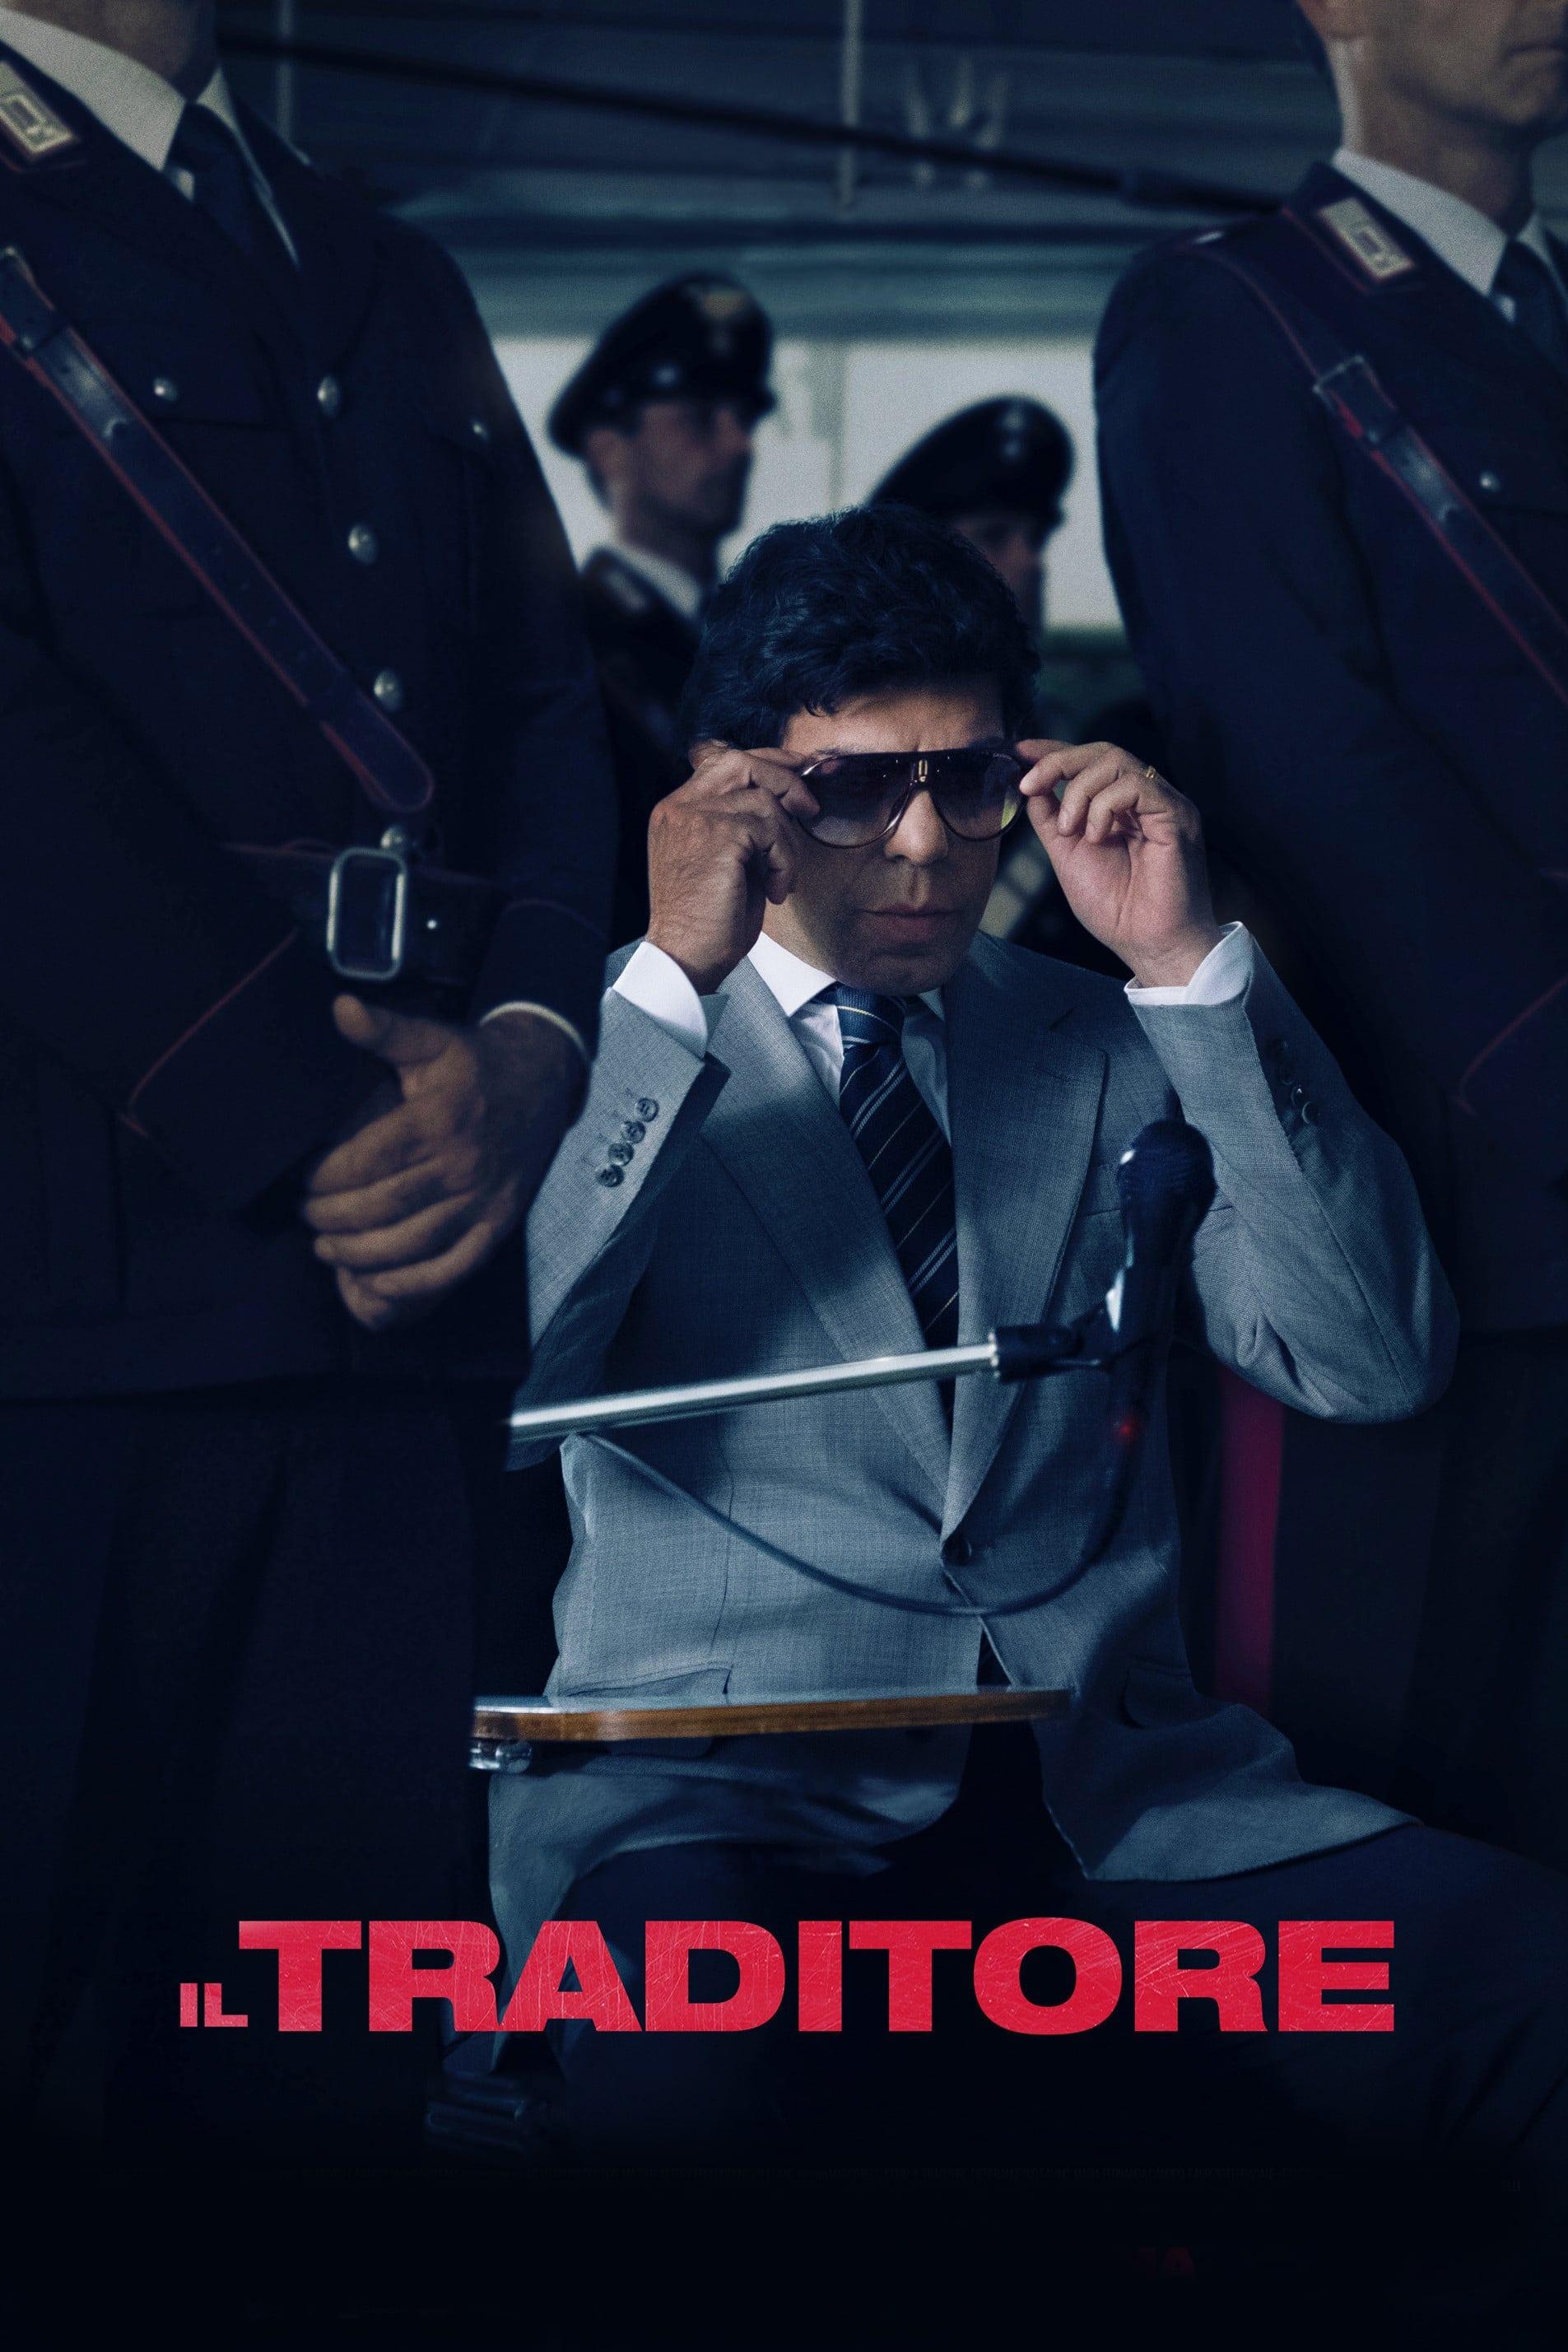 voir film Le Traître streaming